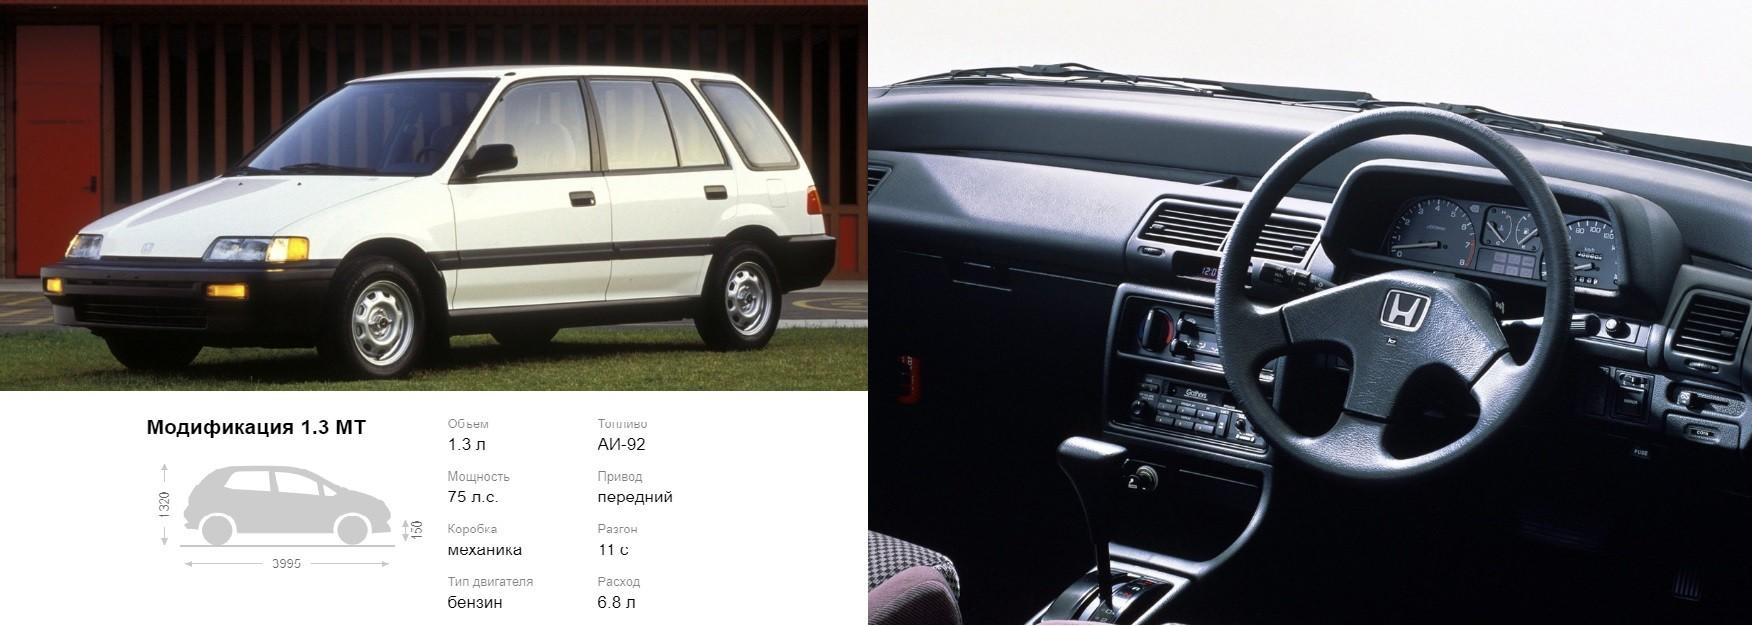 Четвертое поколение Honda Civic